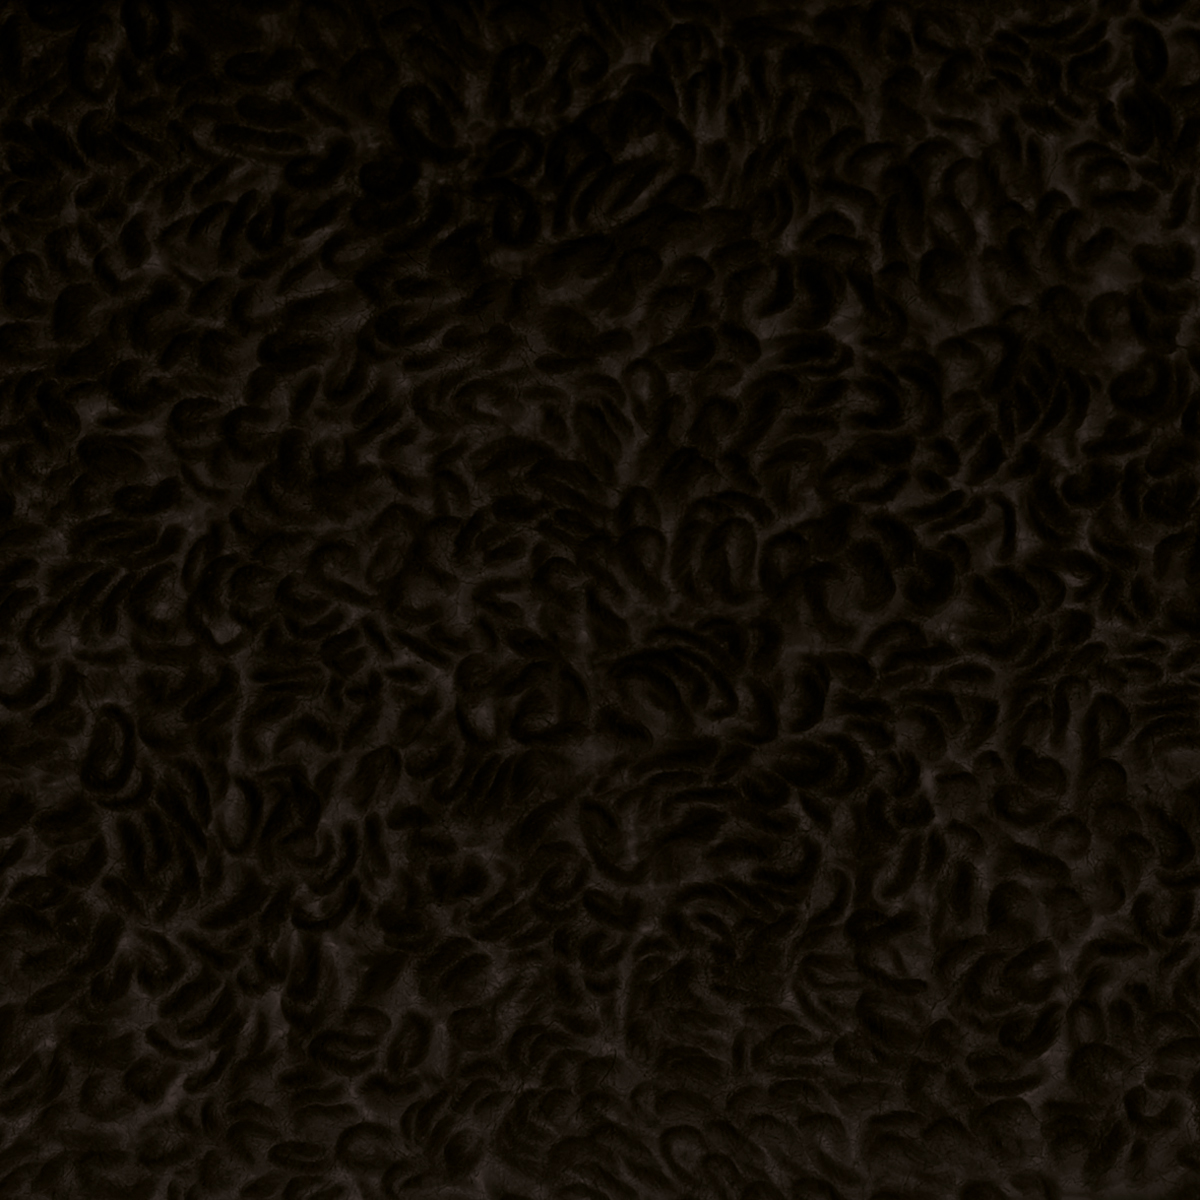 Tissu en éponge unie de 400g - Noir - 1.5 m